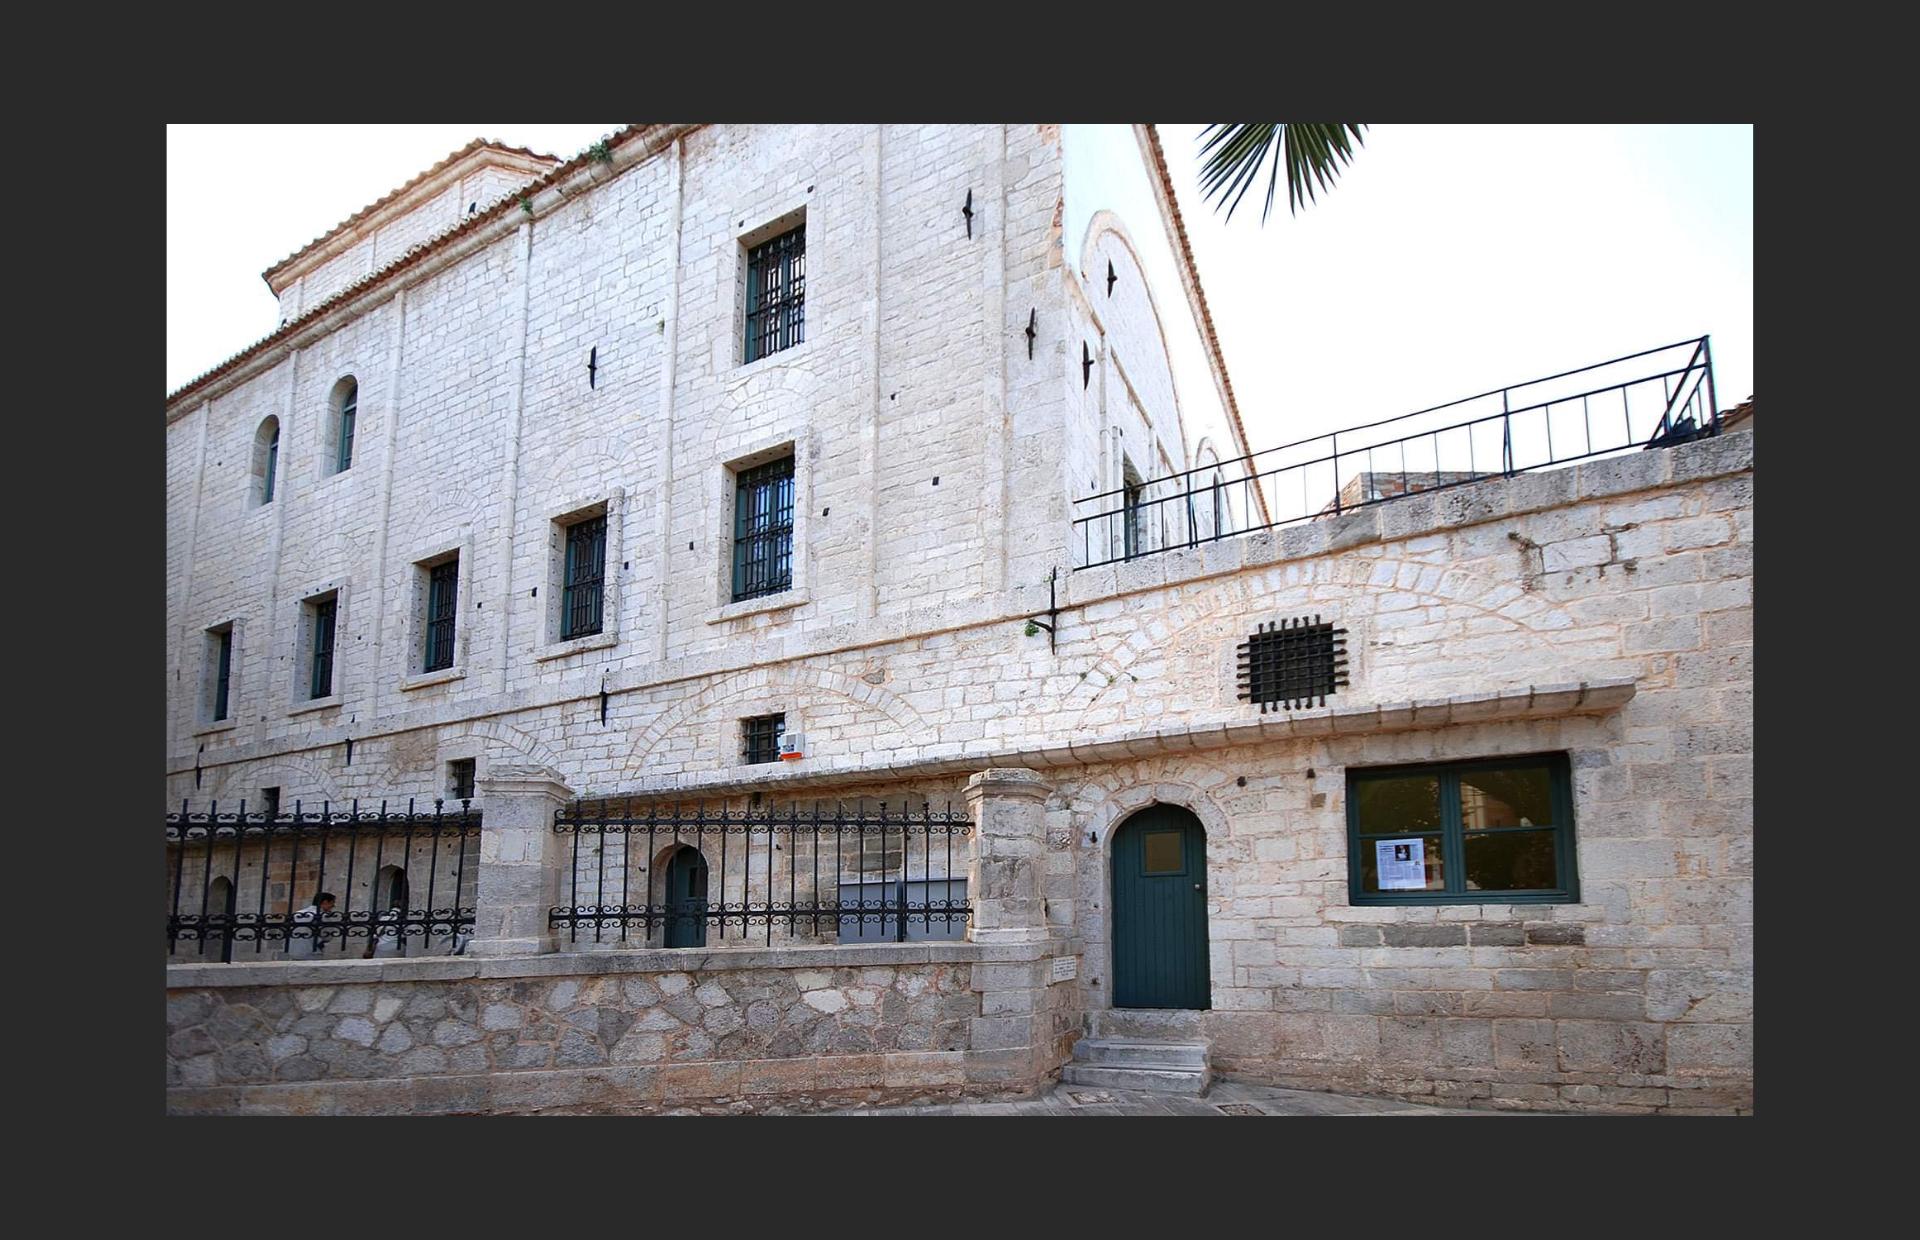 """Επετειακή εικαστική έκθεση """"Ναύπλιο: Τόπος Μνήμης του Αγώνα της Ελευθερίας"""""""